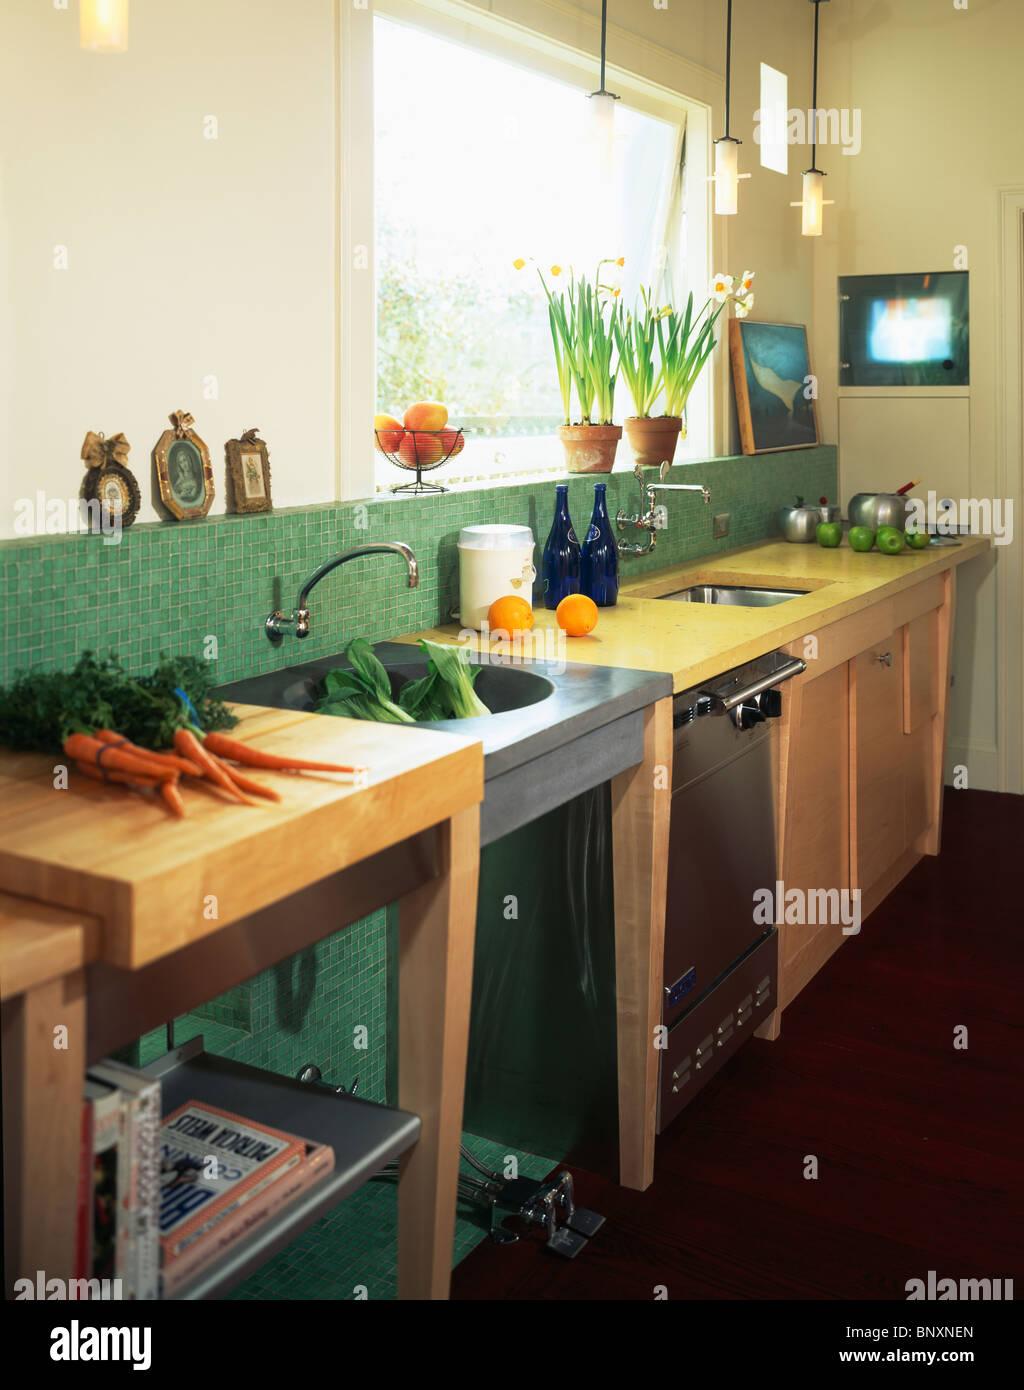 Montón de zanahorias en unidad independiente junto al fregadero de acero en  la moderna cocina con 3dda3b195afc